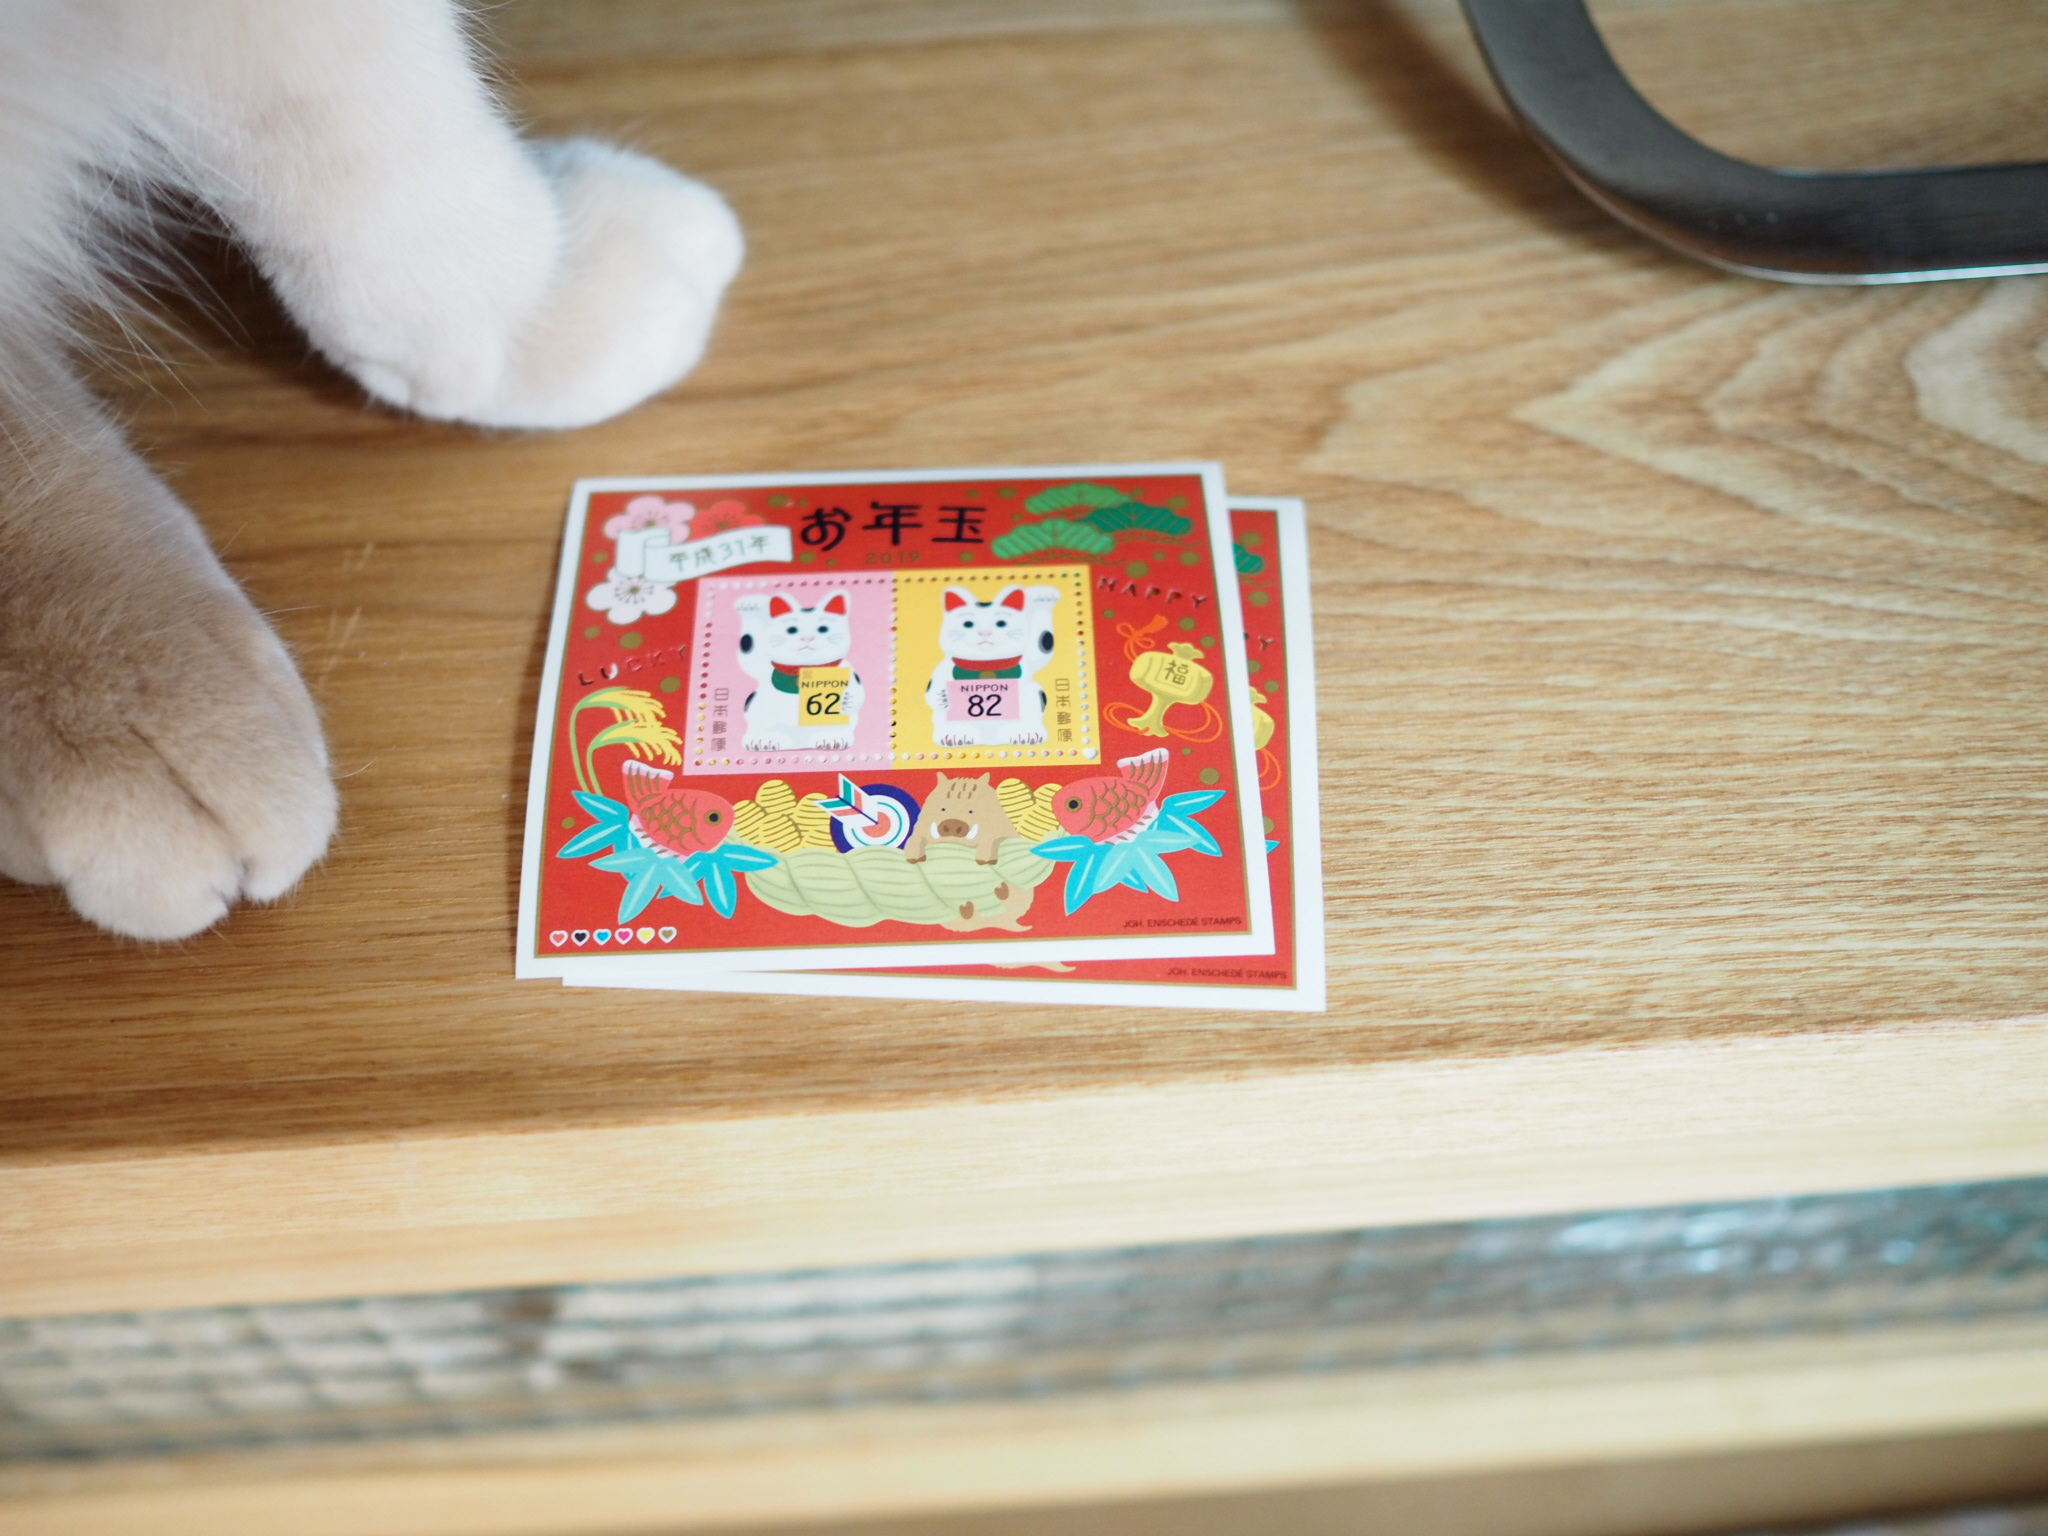 猫柄お年玉切手シート